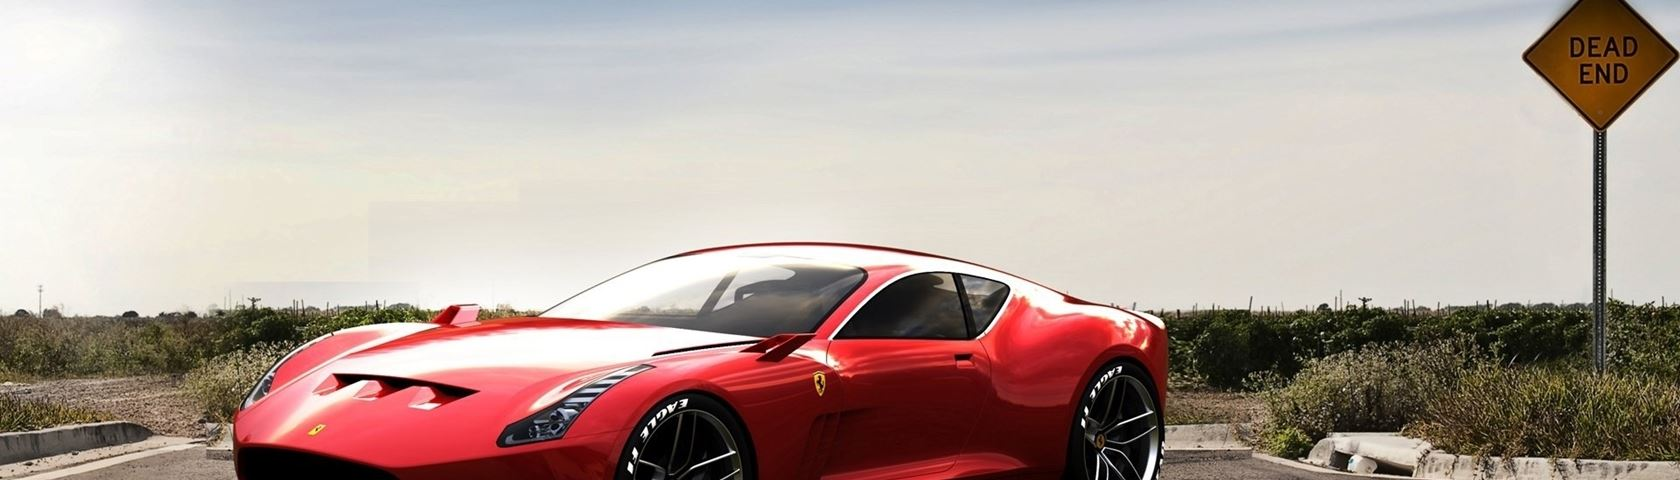 Ferraeri Concept Car